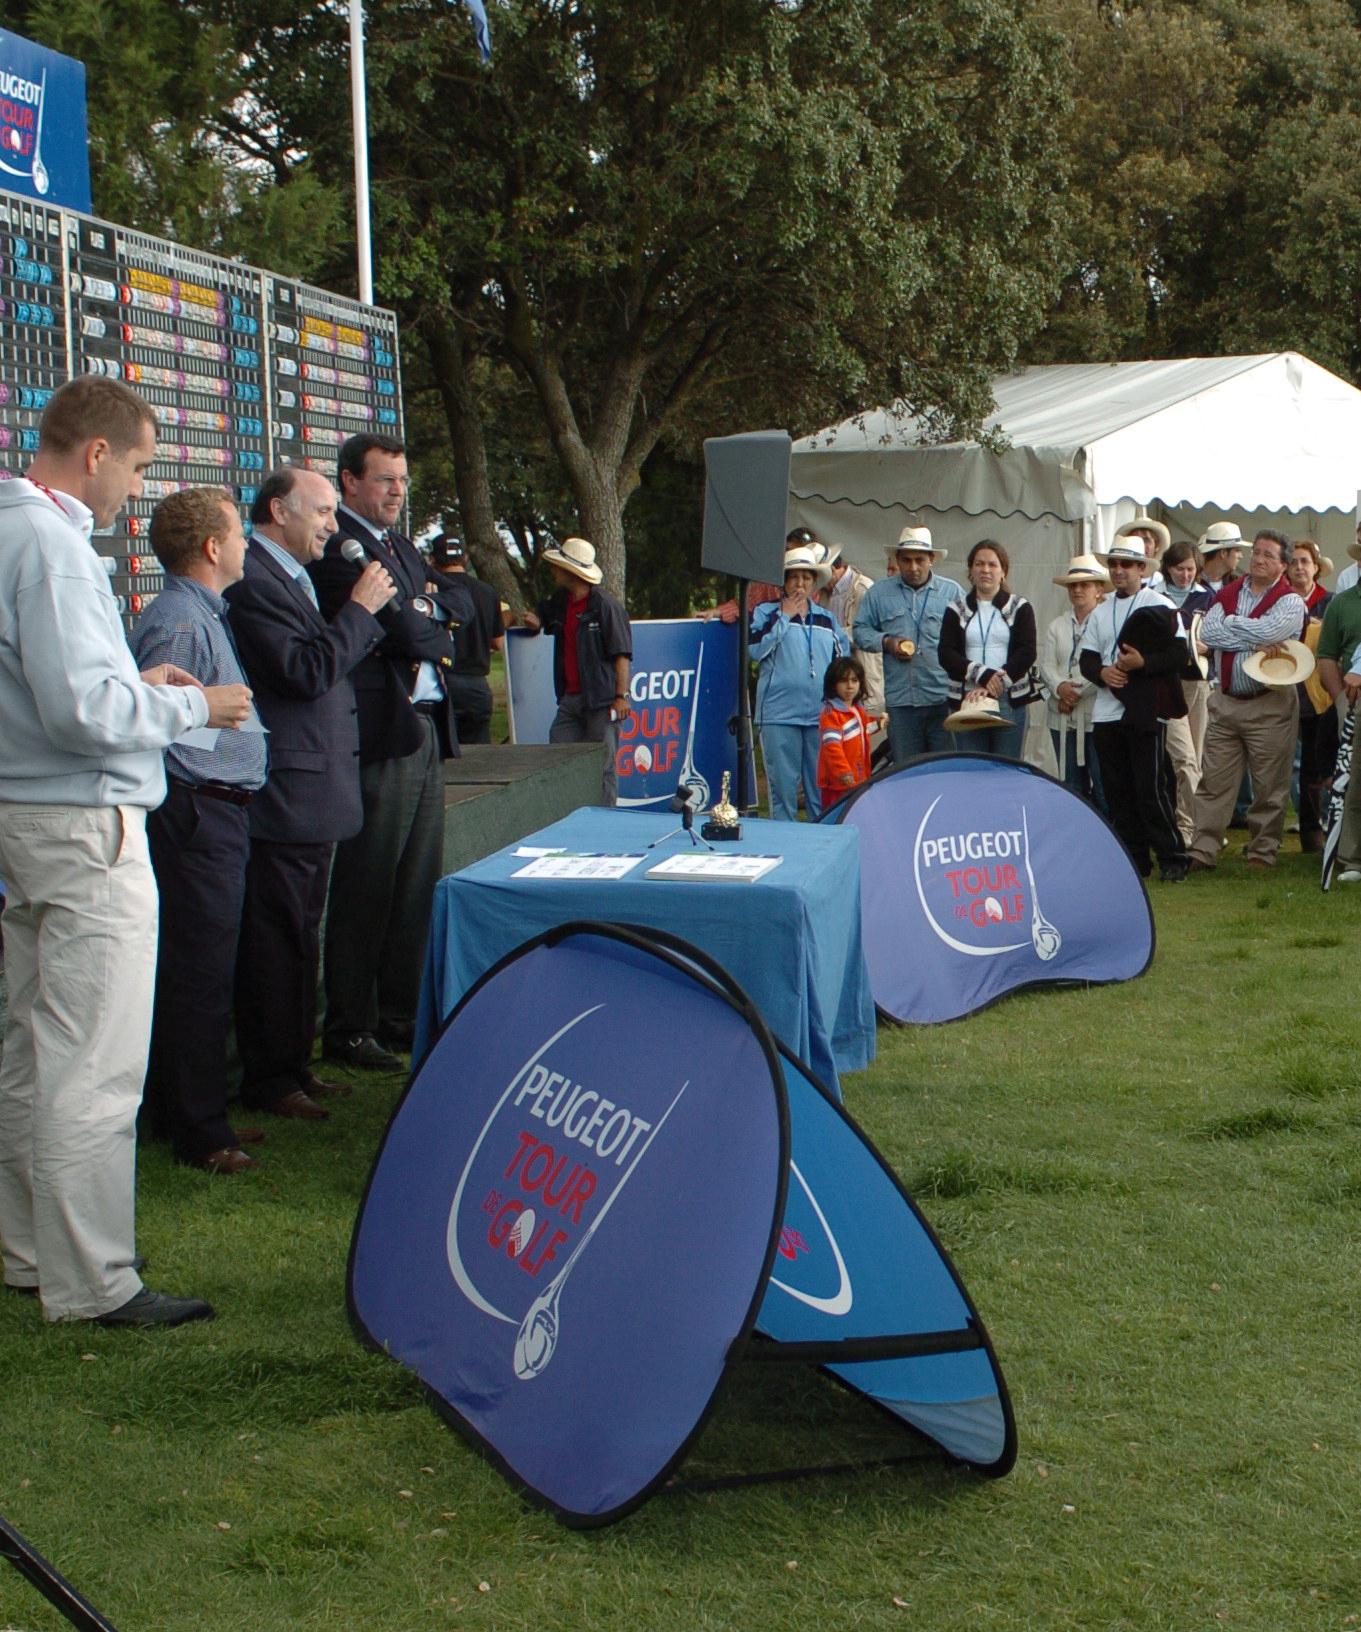 Golf Lerma acoge torneos profesionales y eventos de prestigio.